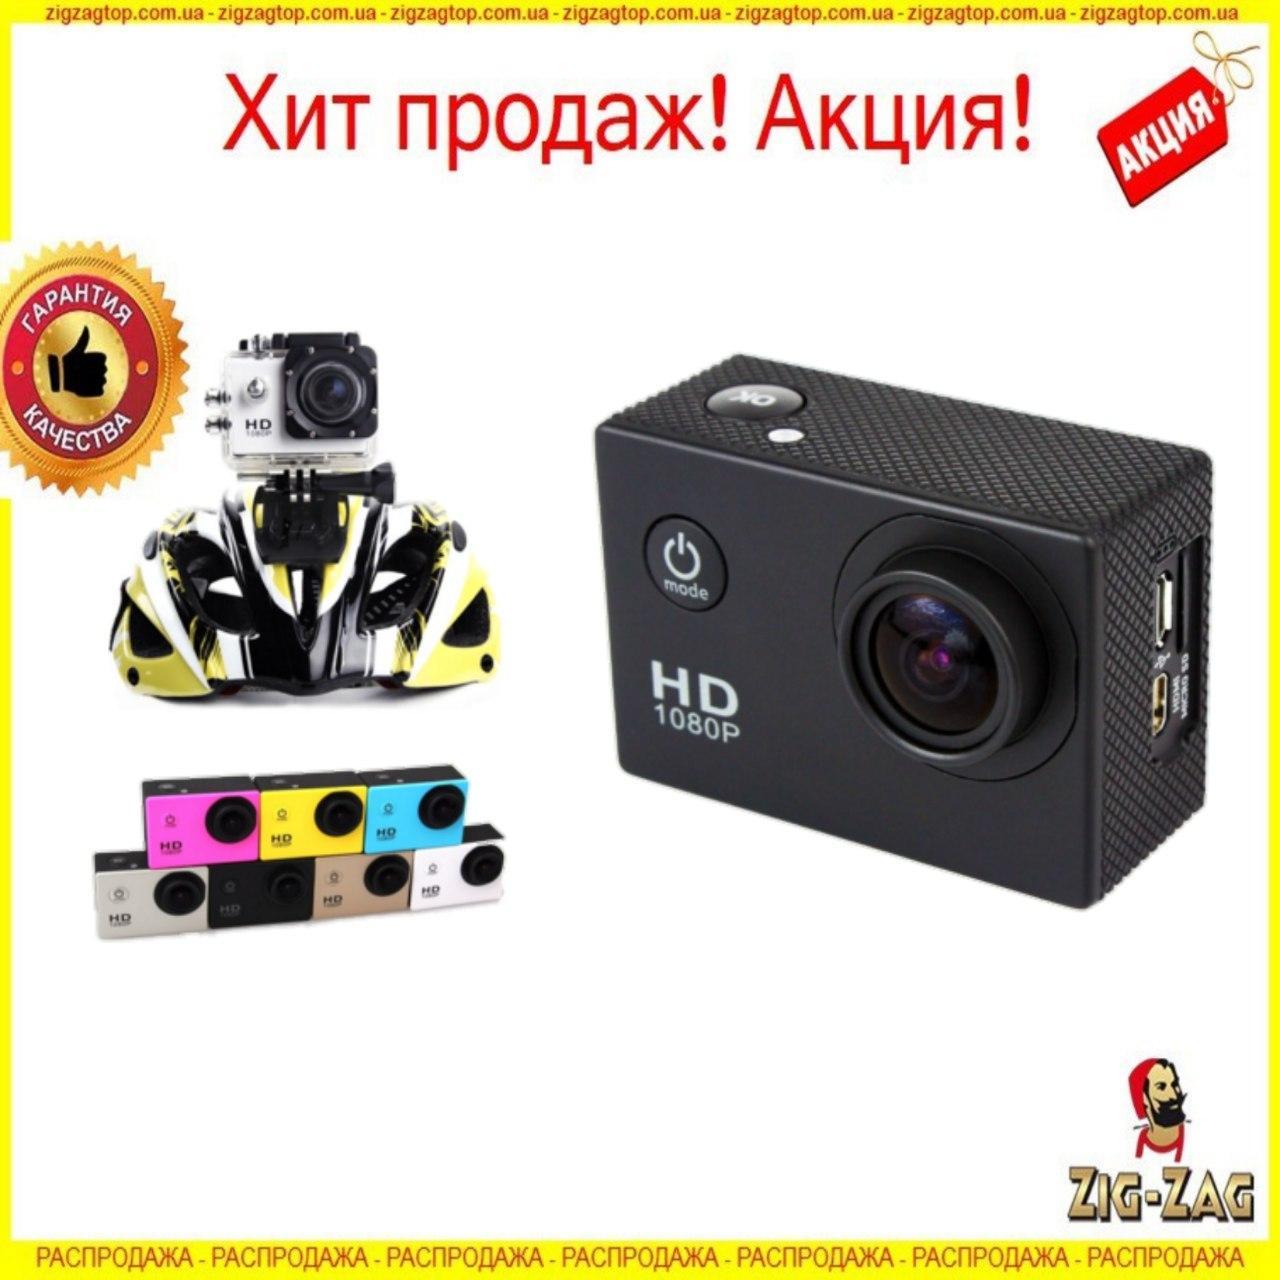 Екшн Камера А7 Спорт Action Camera Full HD 1080p АКВАБОКС Екшен Відео GoPro 900 mAh на Шолом під Водою для Вело